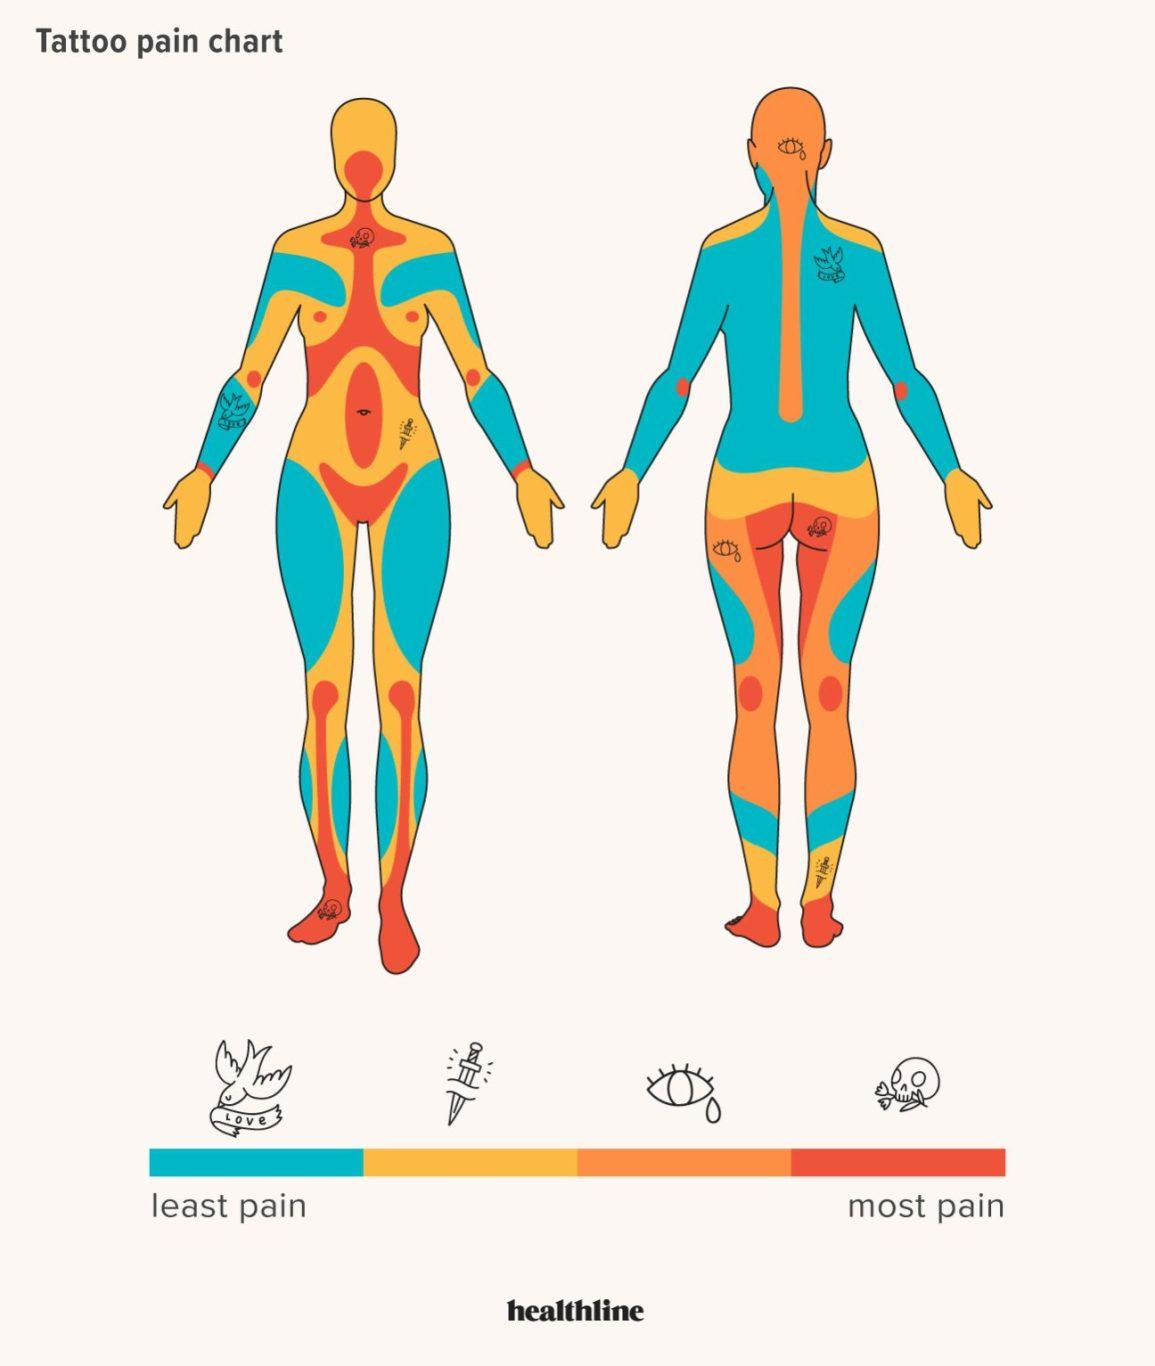 biểu đồ mức độ đau khi xăm hình